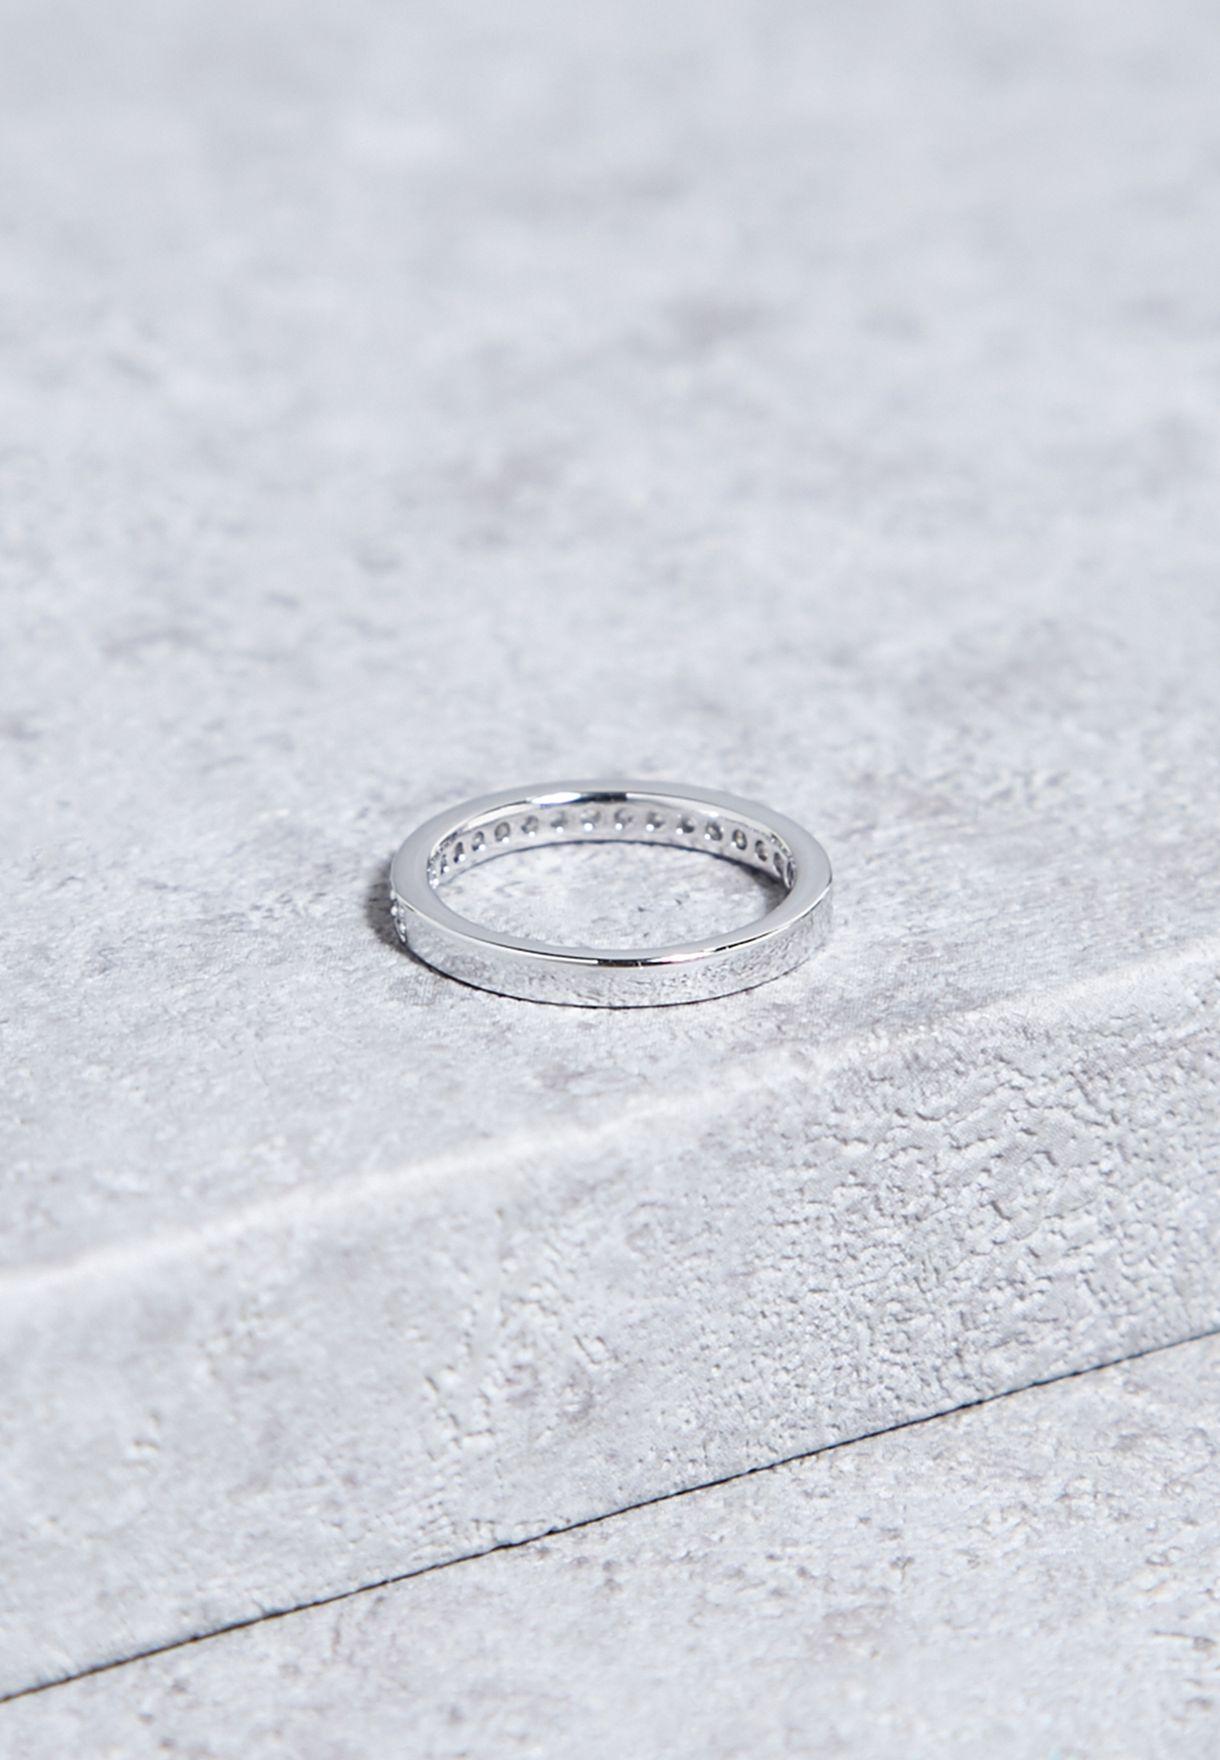 Extra Small Rare Band Ring